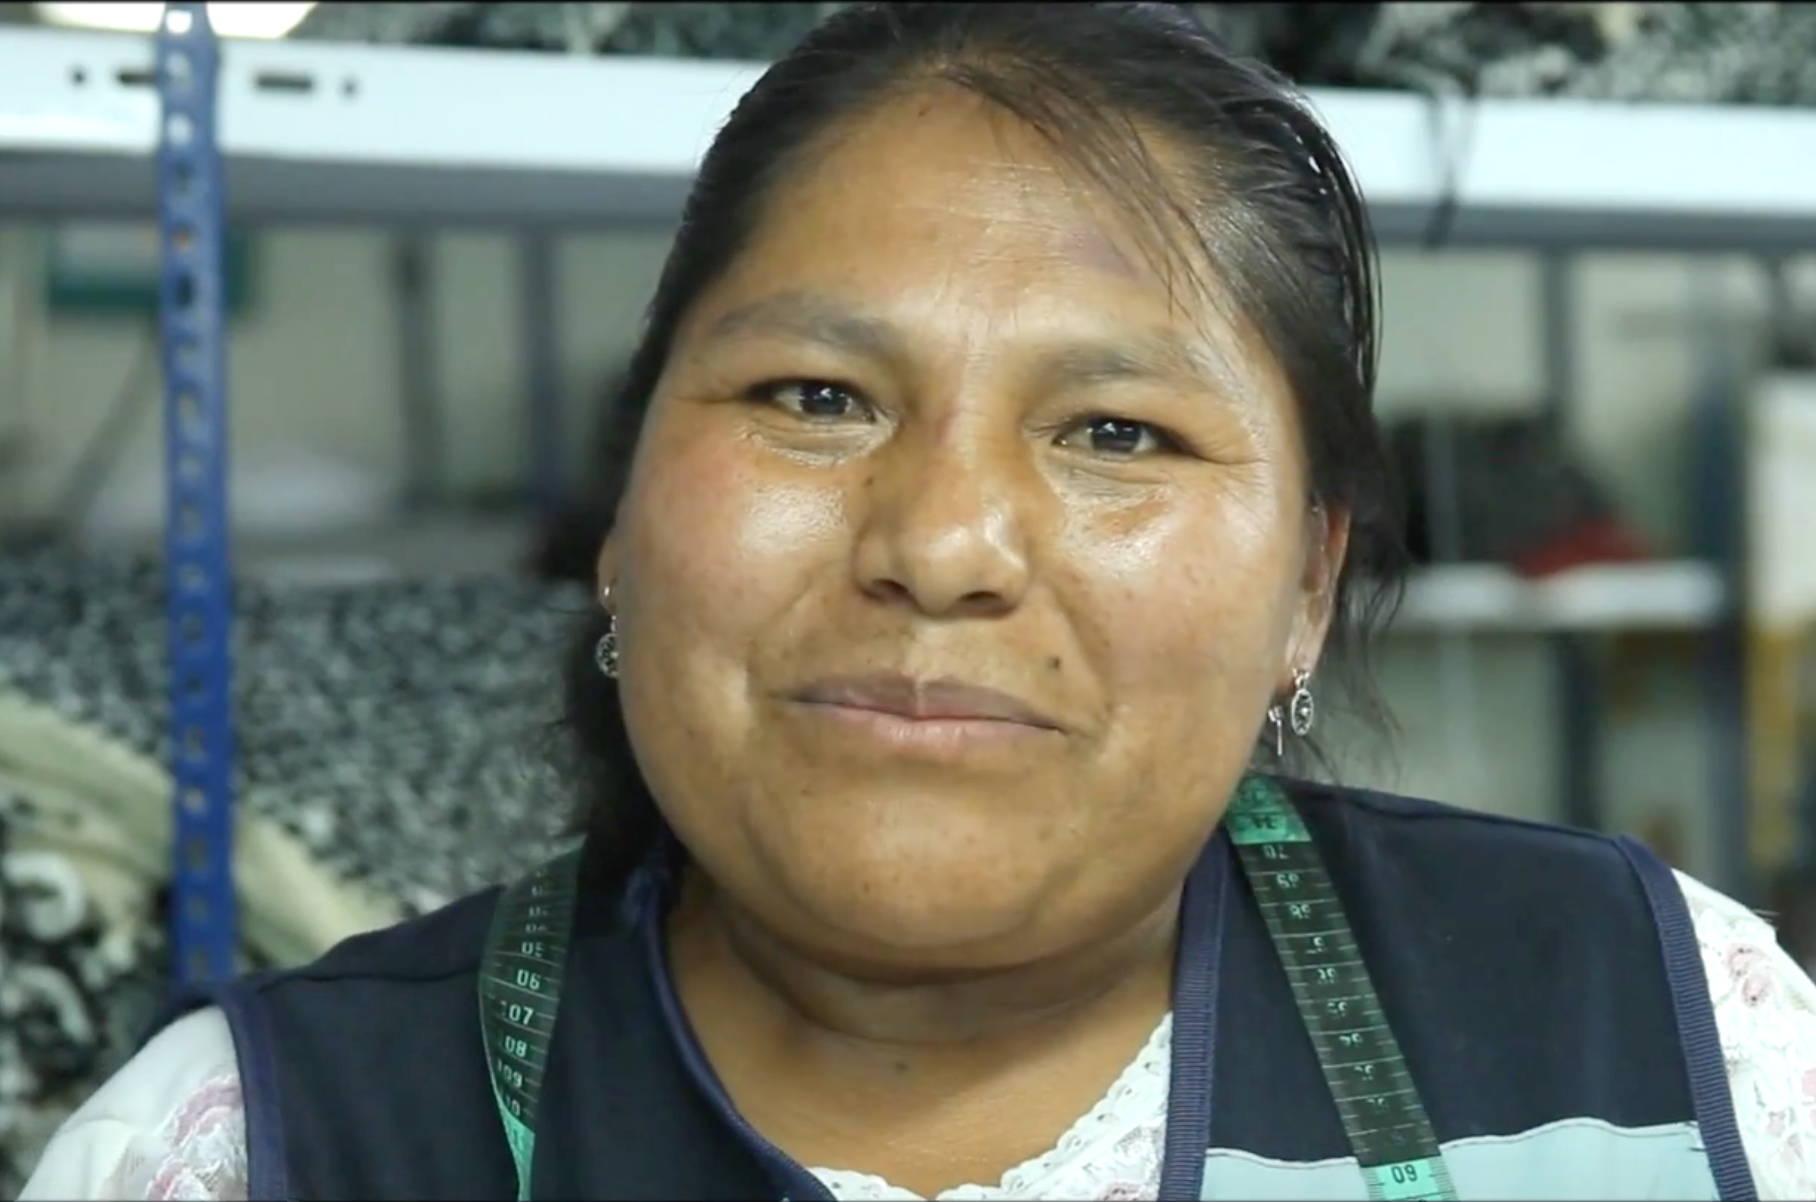 Smiling face detail of textile artisan woman in Peru